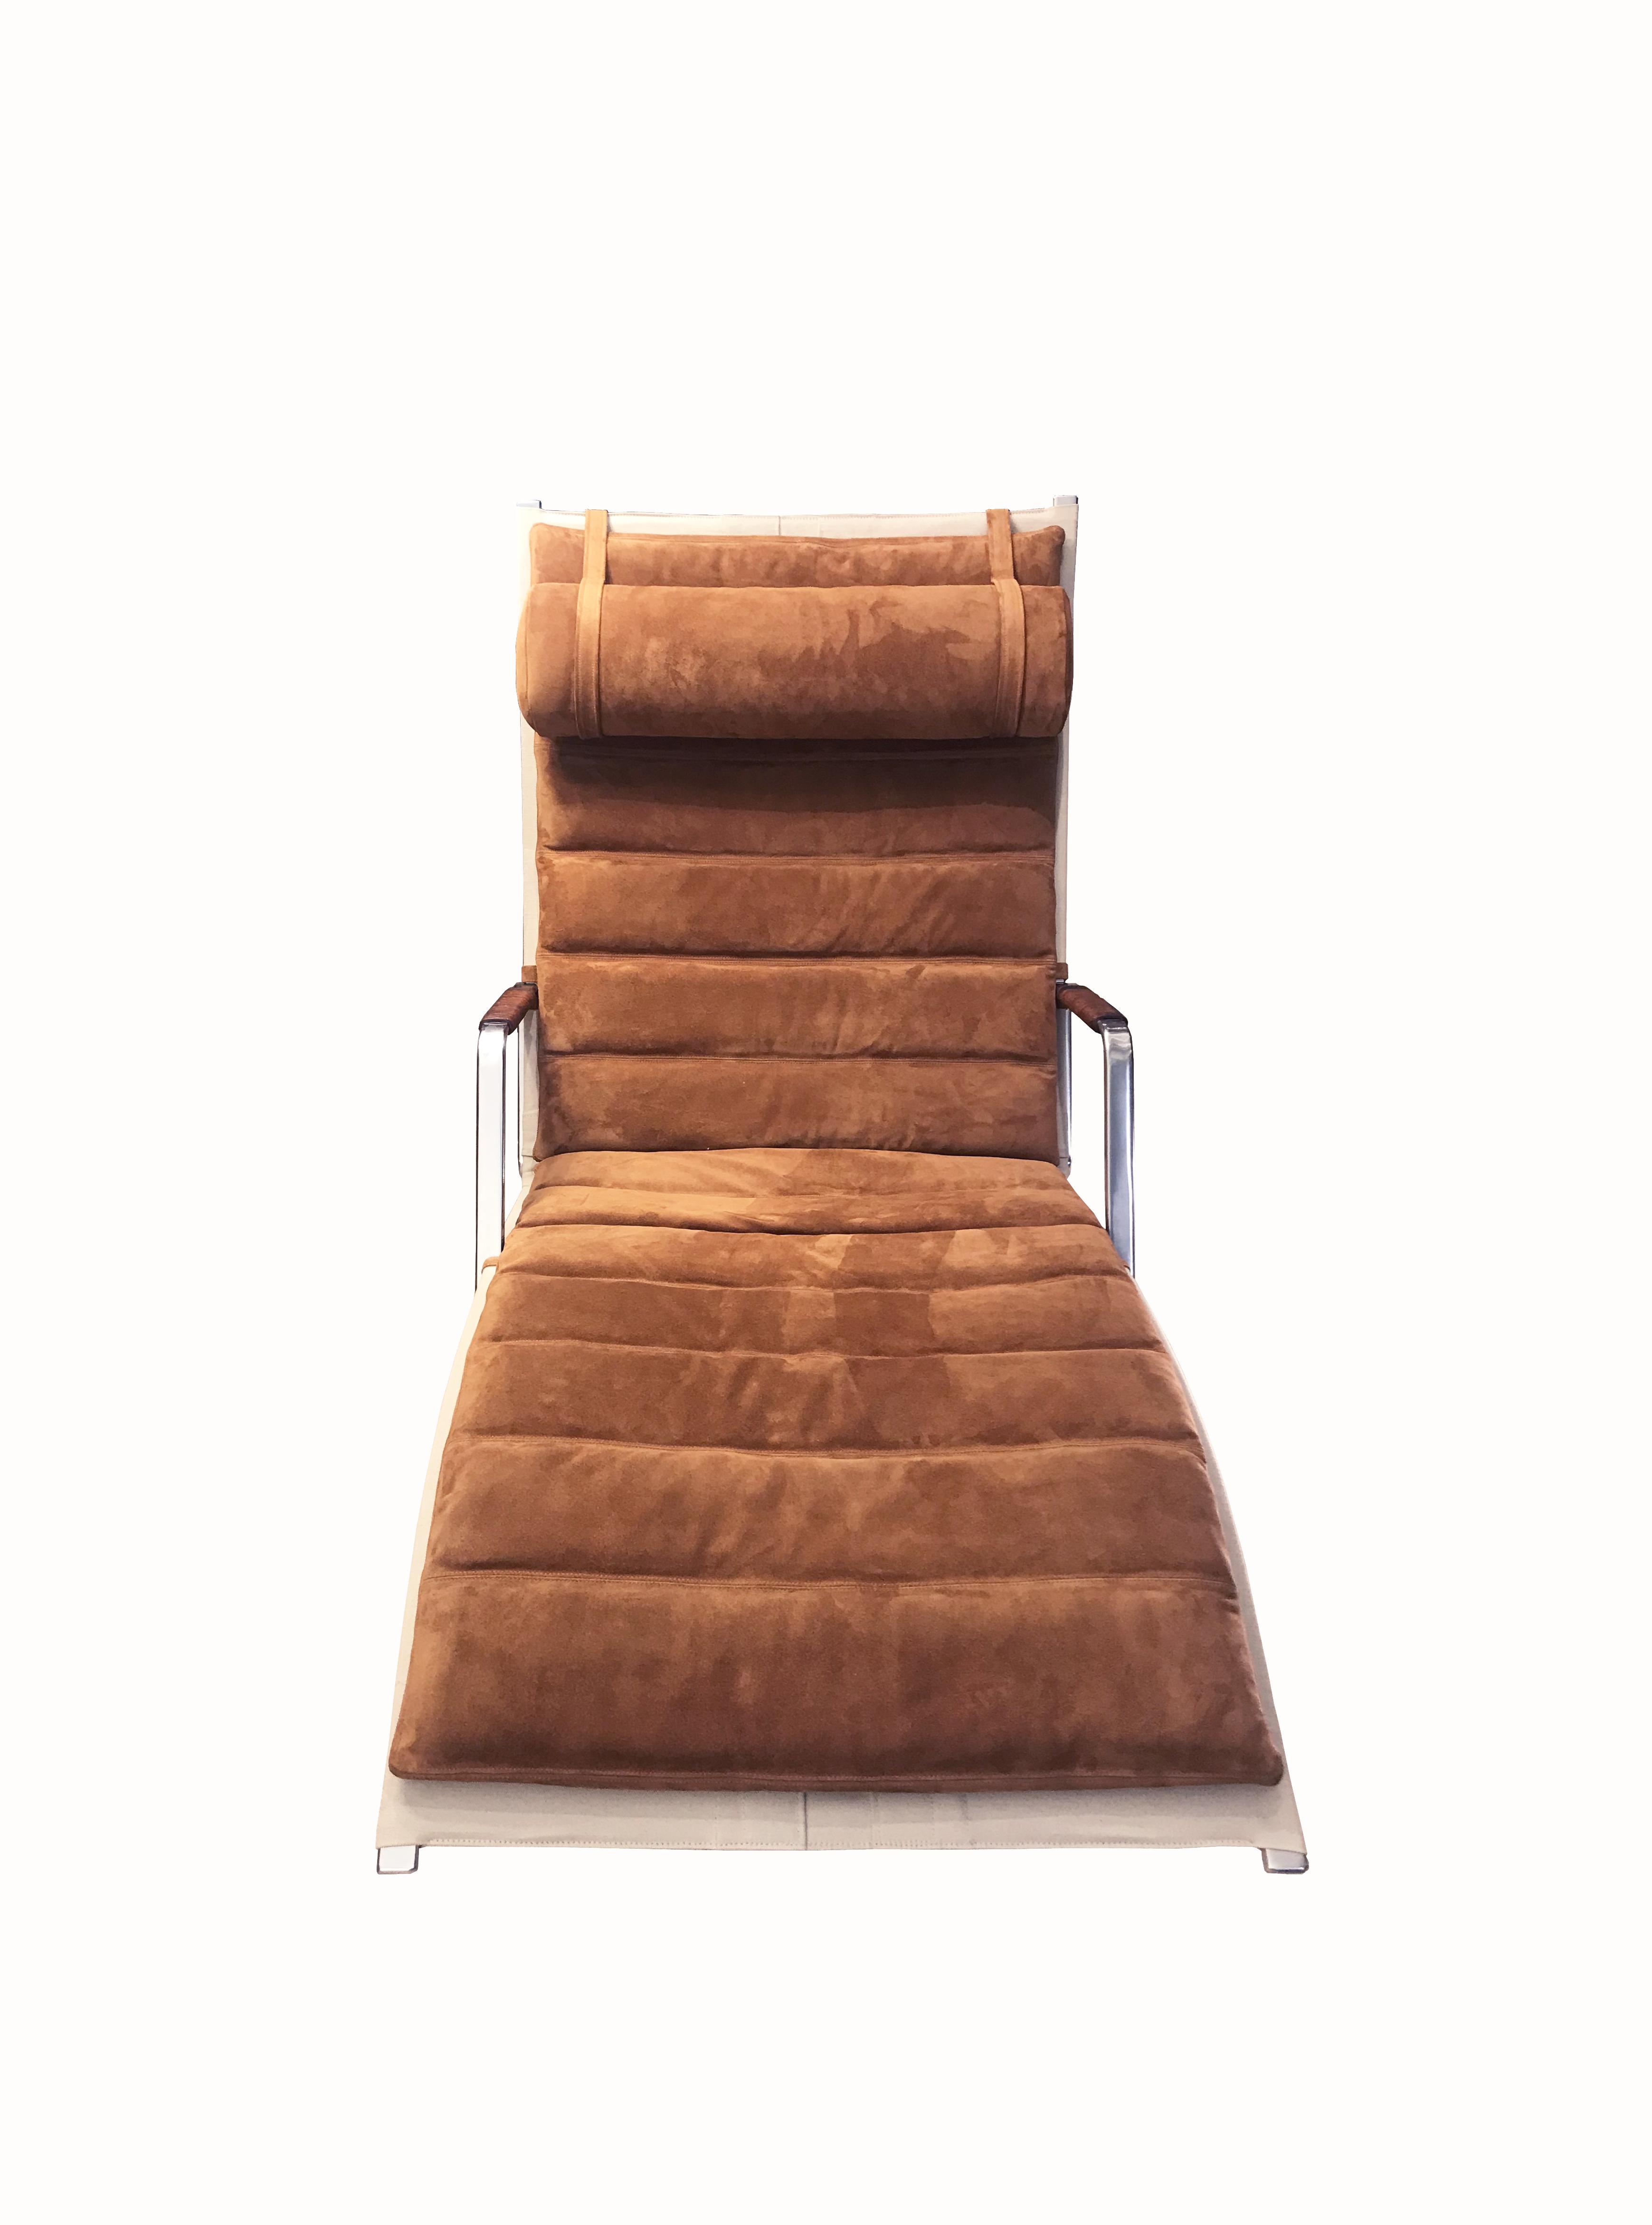 Royer Yvan Longue Vue Galerie Chaise 1 xoWQrCdBe